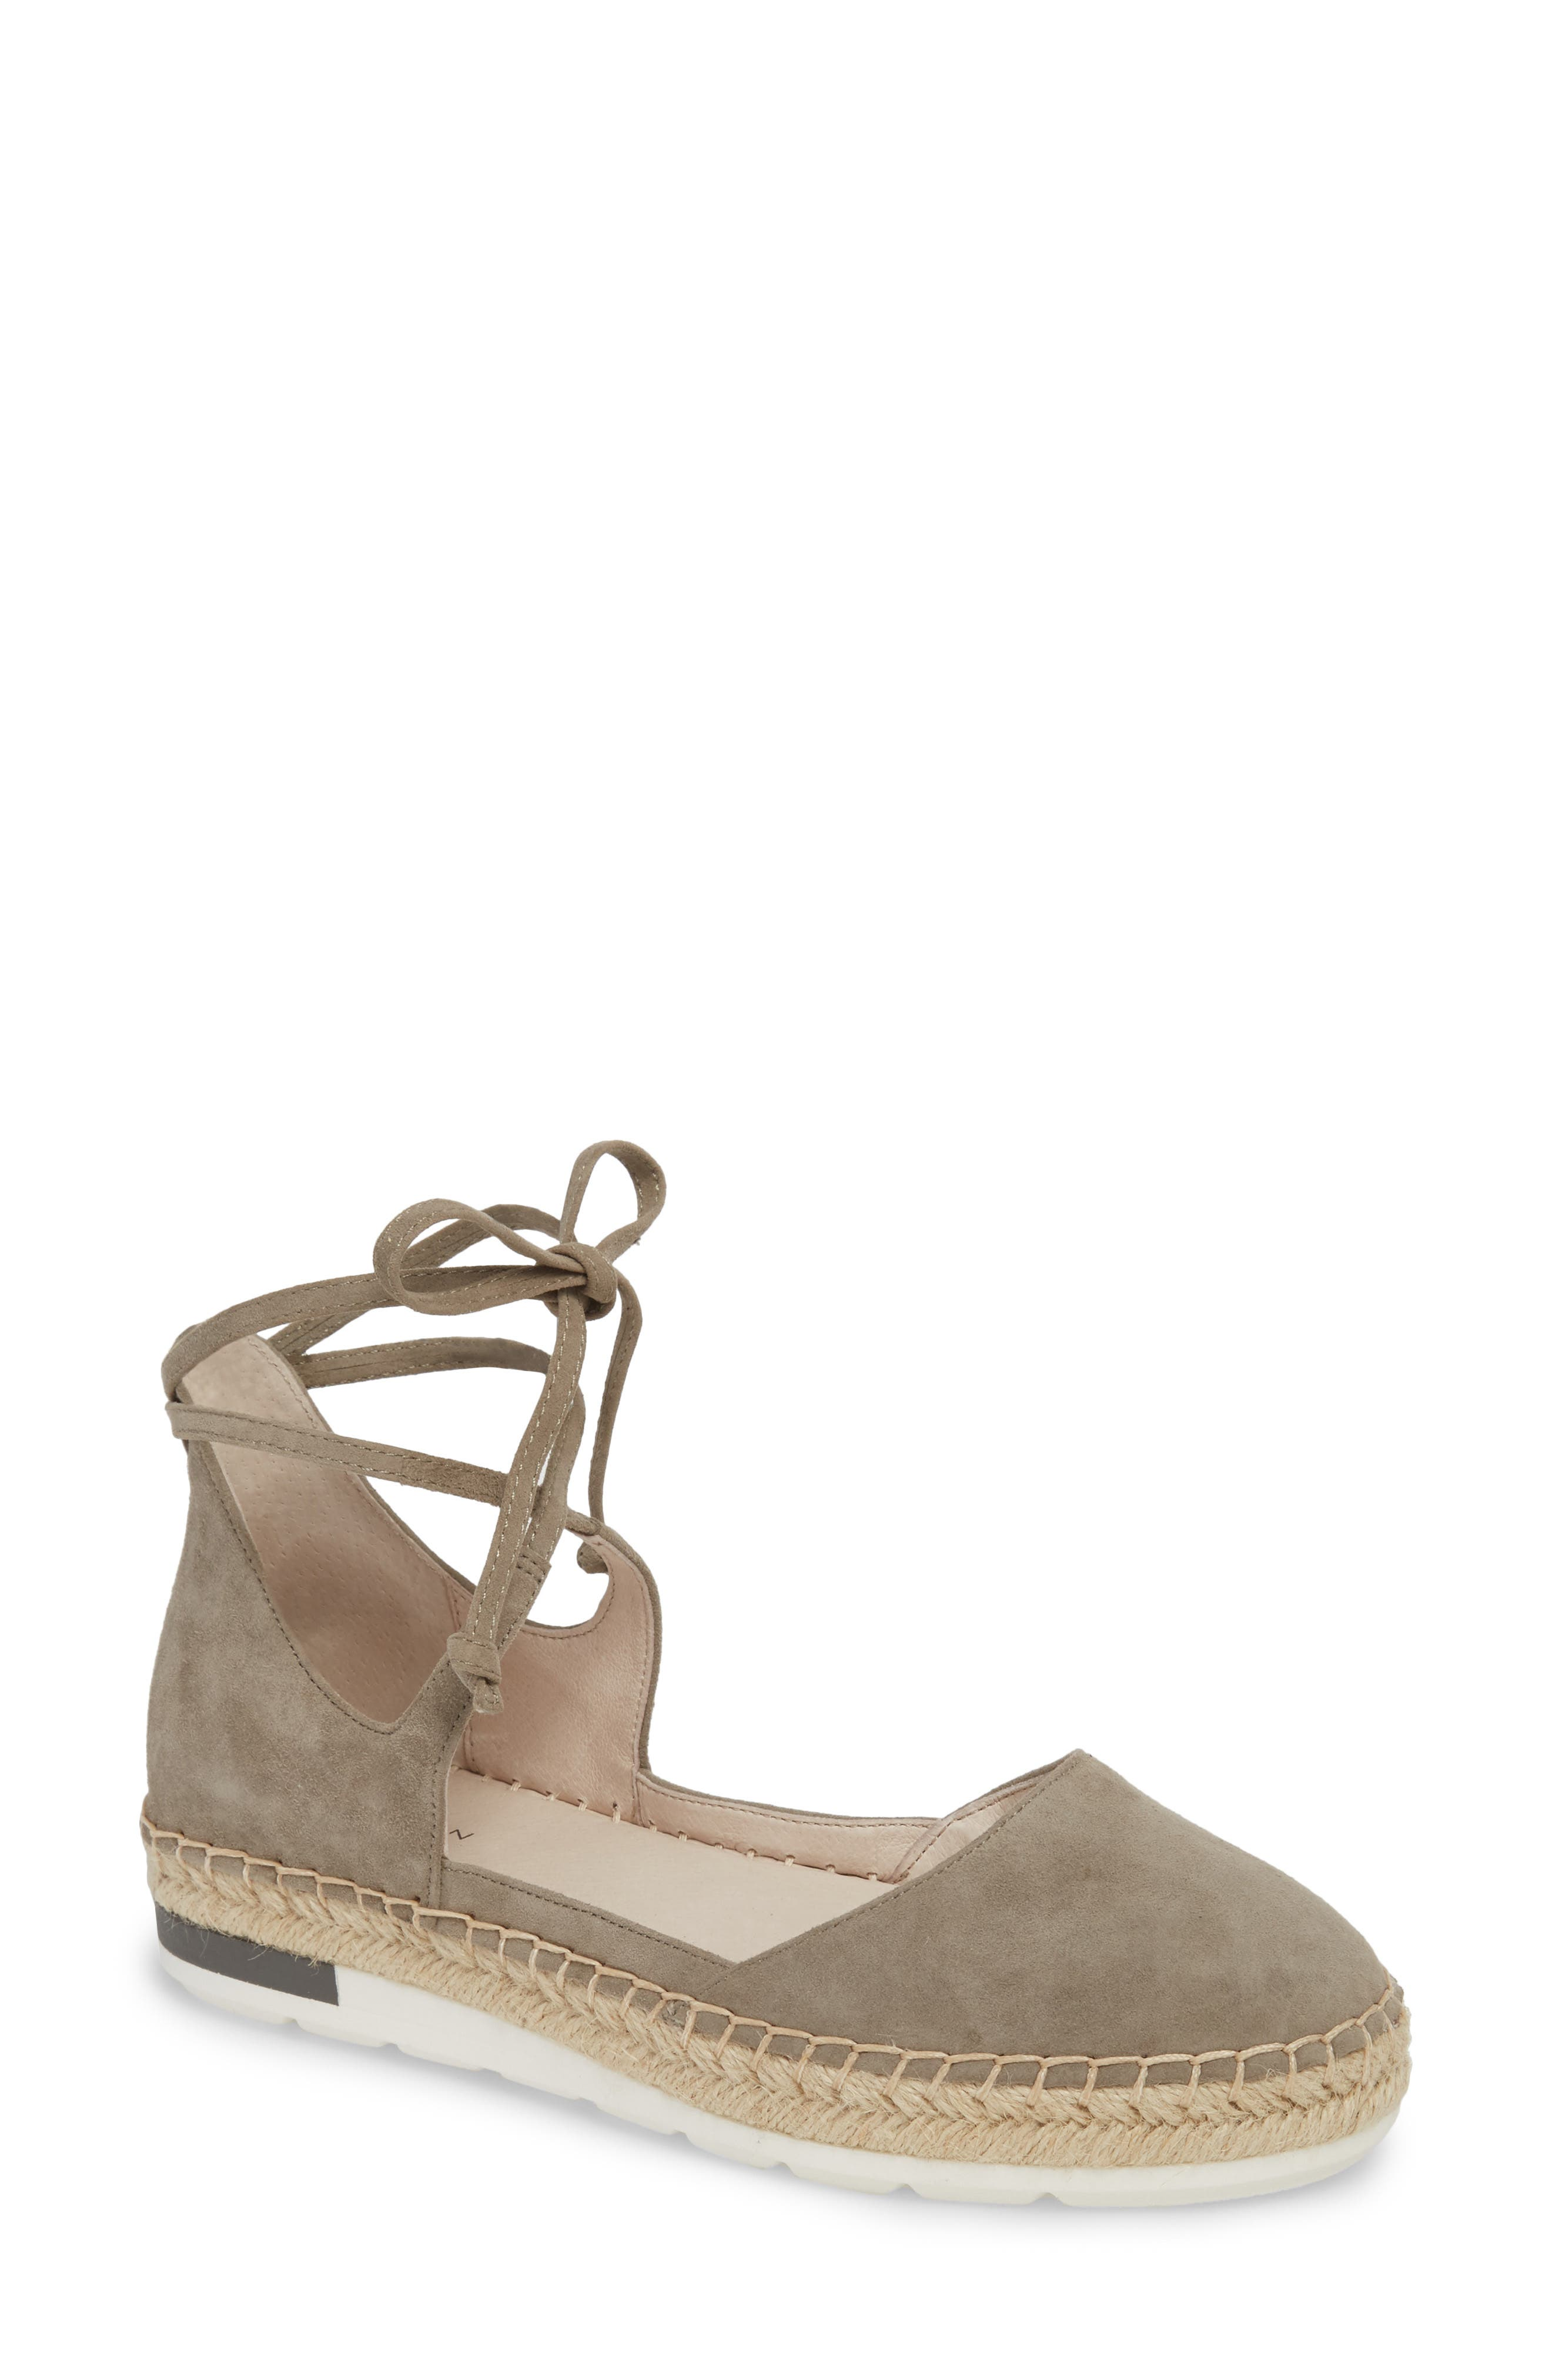 Leena Ankle Strap Sandal,                         Main,                         color, 030